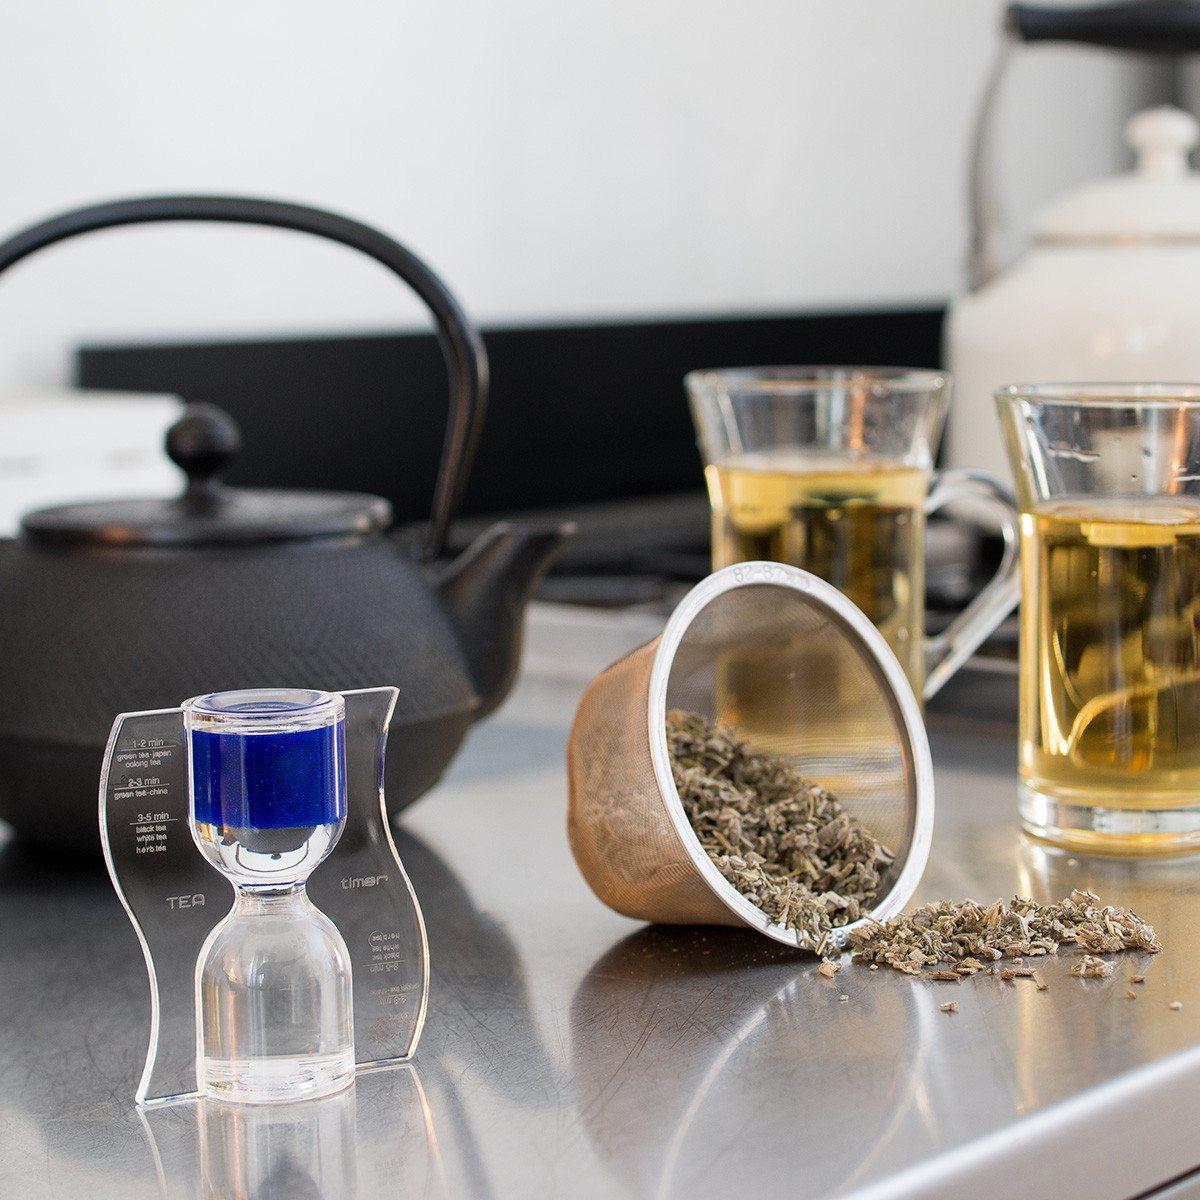 Die paradoxe Tee-Uhr